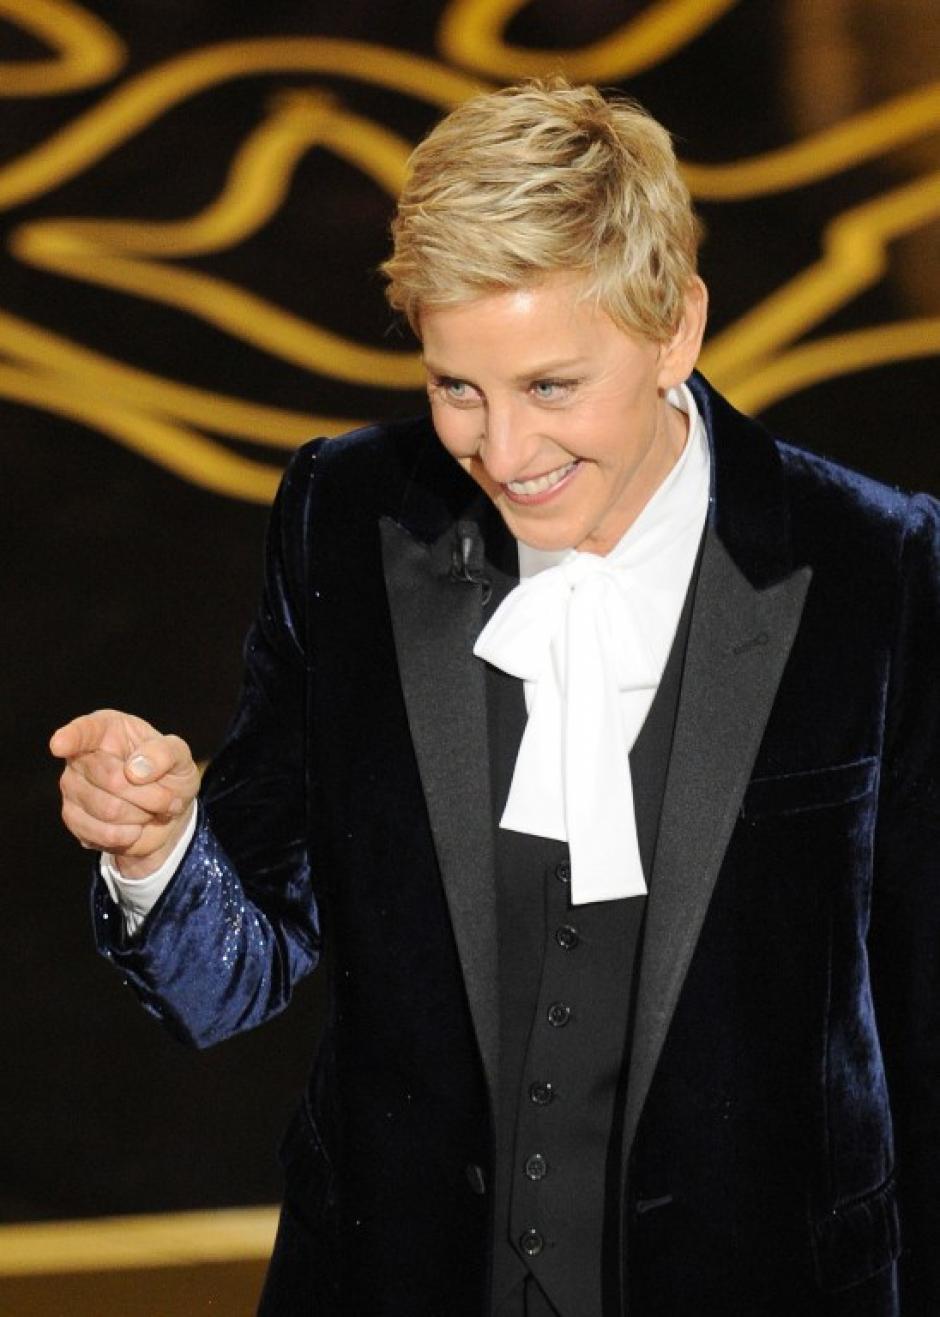 Primero fue en el discurso inicial en el que con ingenio fue burlándose de los nominados y luego, de Liza Minnelli. (Foto: AFP)